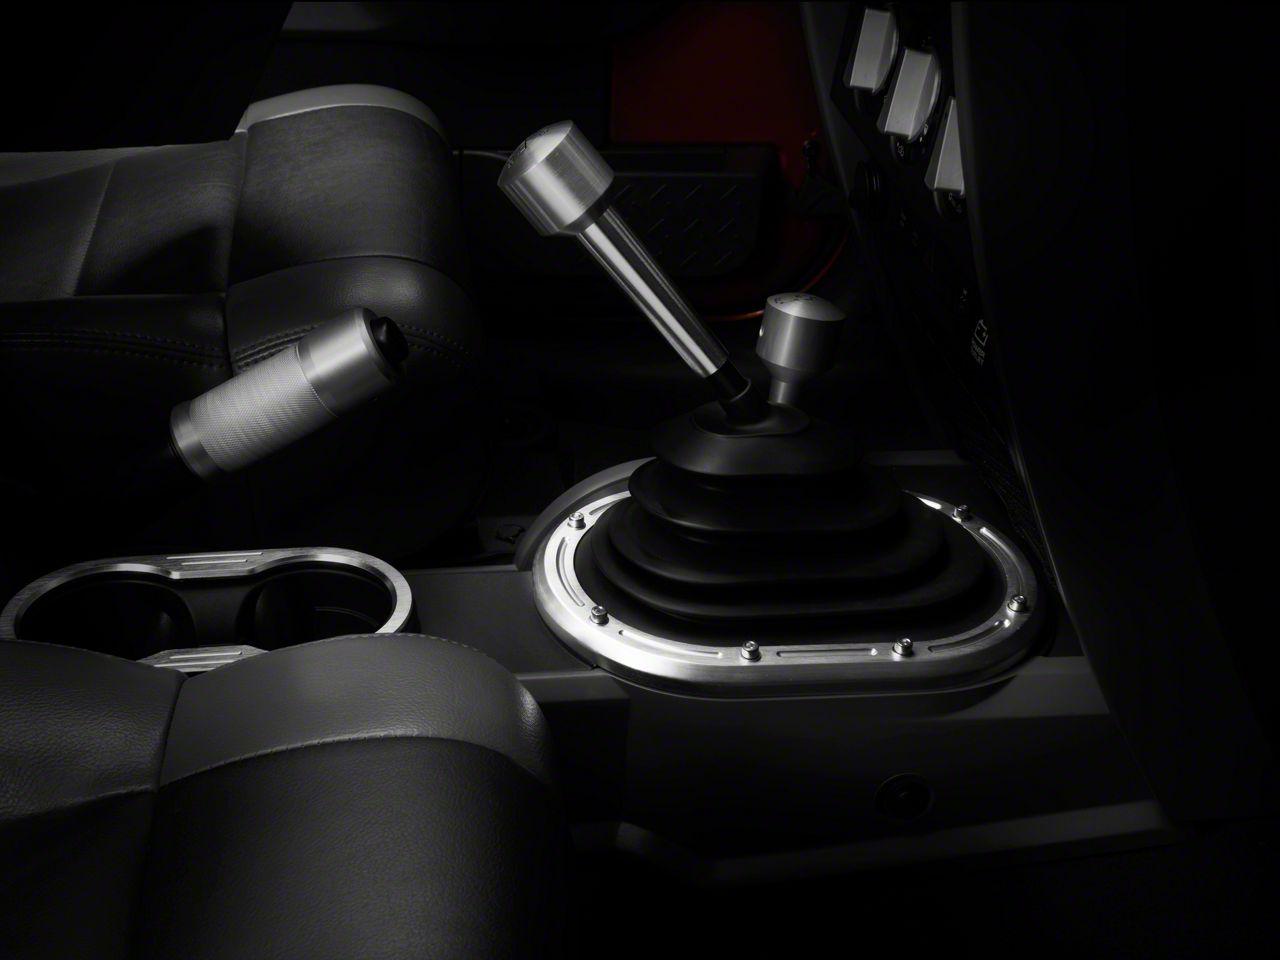 Rugged Ridge Billet Aluminum Shifter Bezel - Brushed Silver - Manual Transmission (07-10 Jeep Wrangler JK)